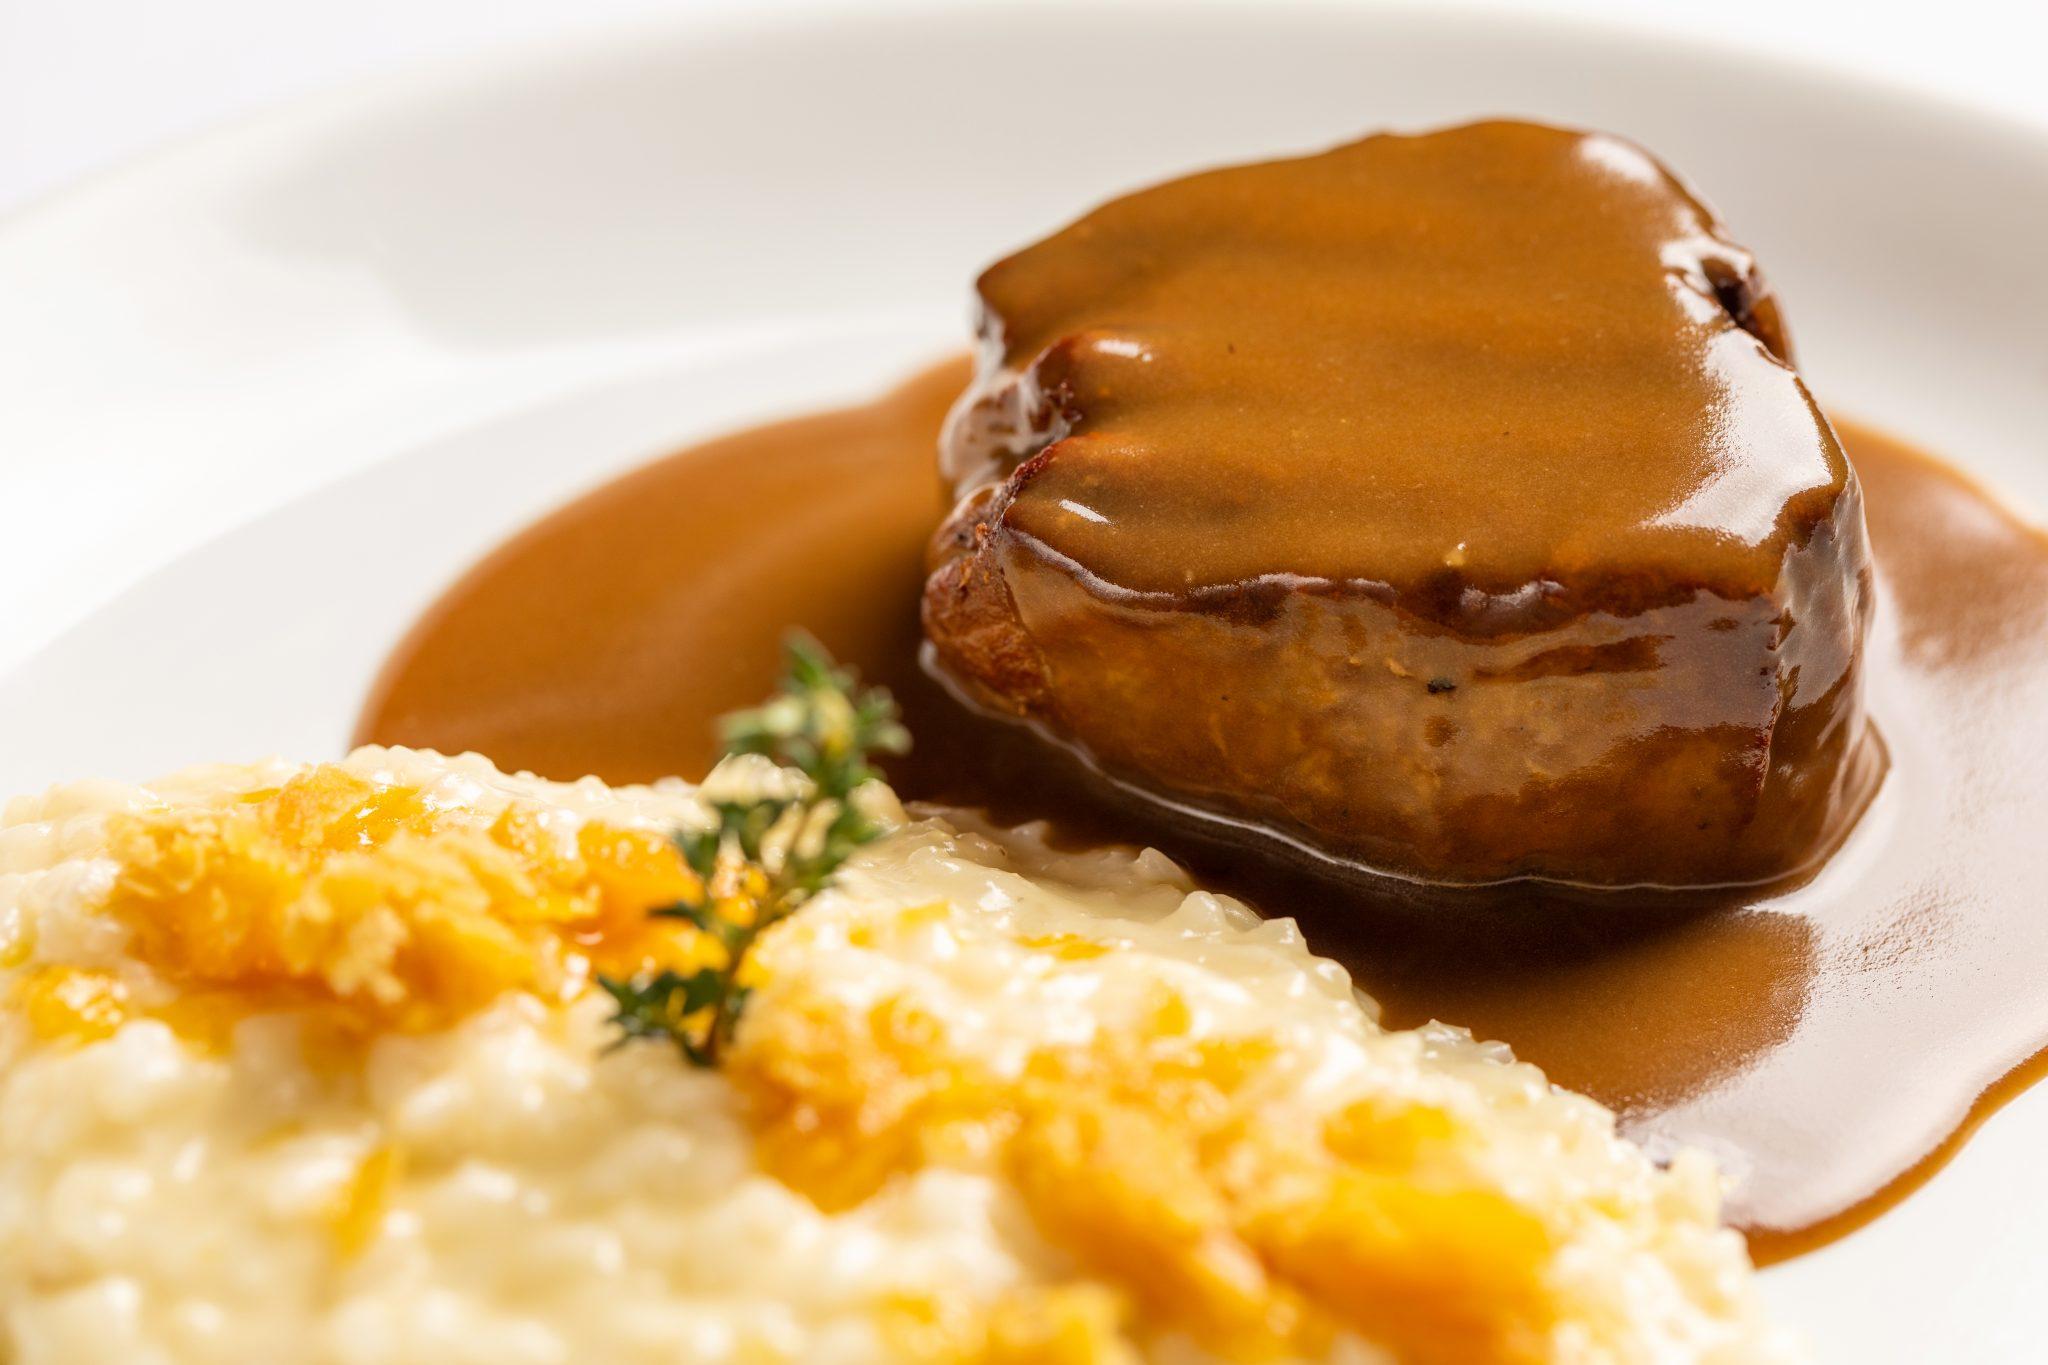 União entre ingredientes doces e salgados inspiram criações do chef Marcelo Petrarca